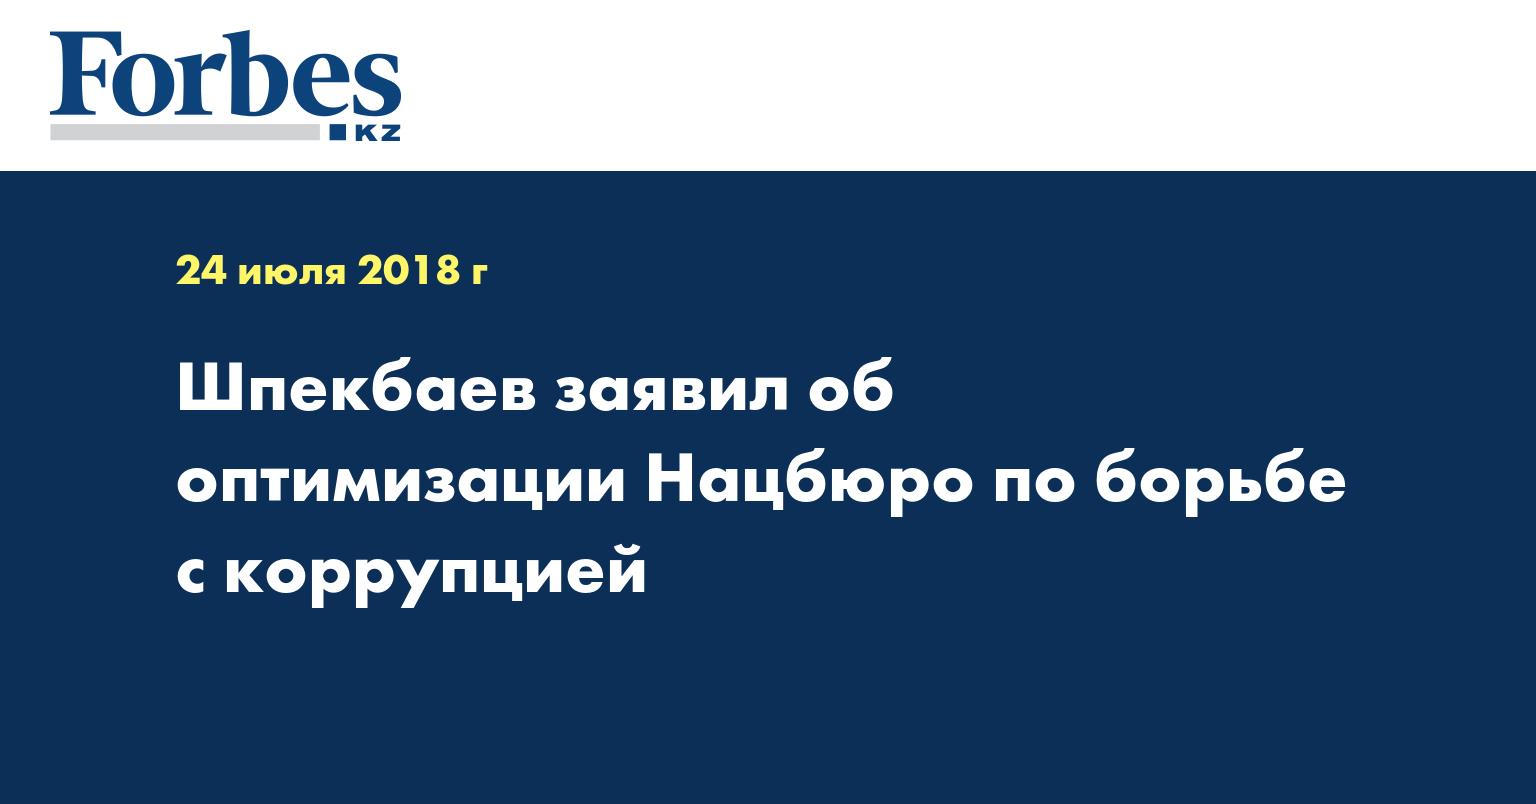 Шпекбаев заявил об оптимизации Нацбюро по борьбе с коррупцией